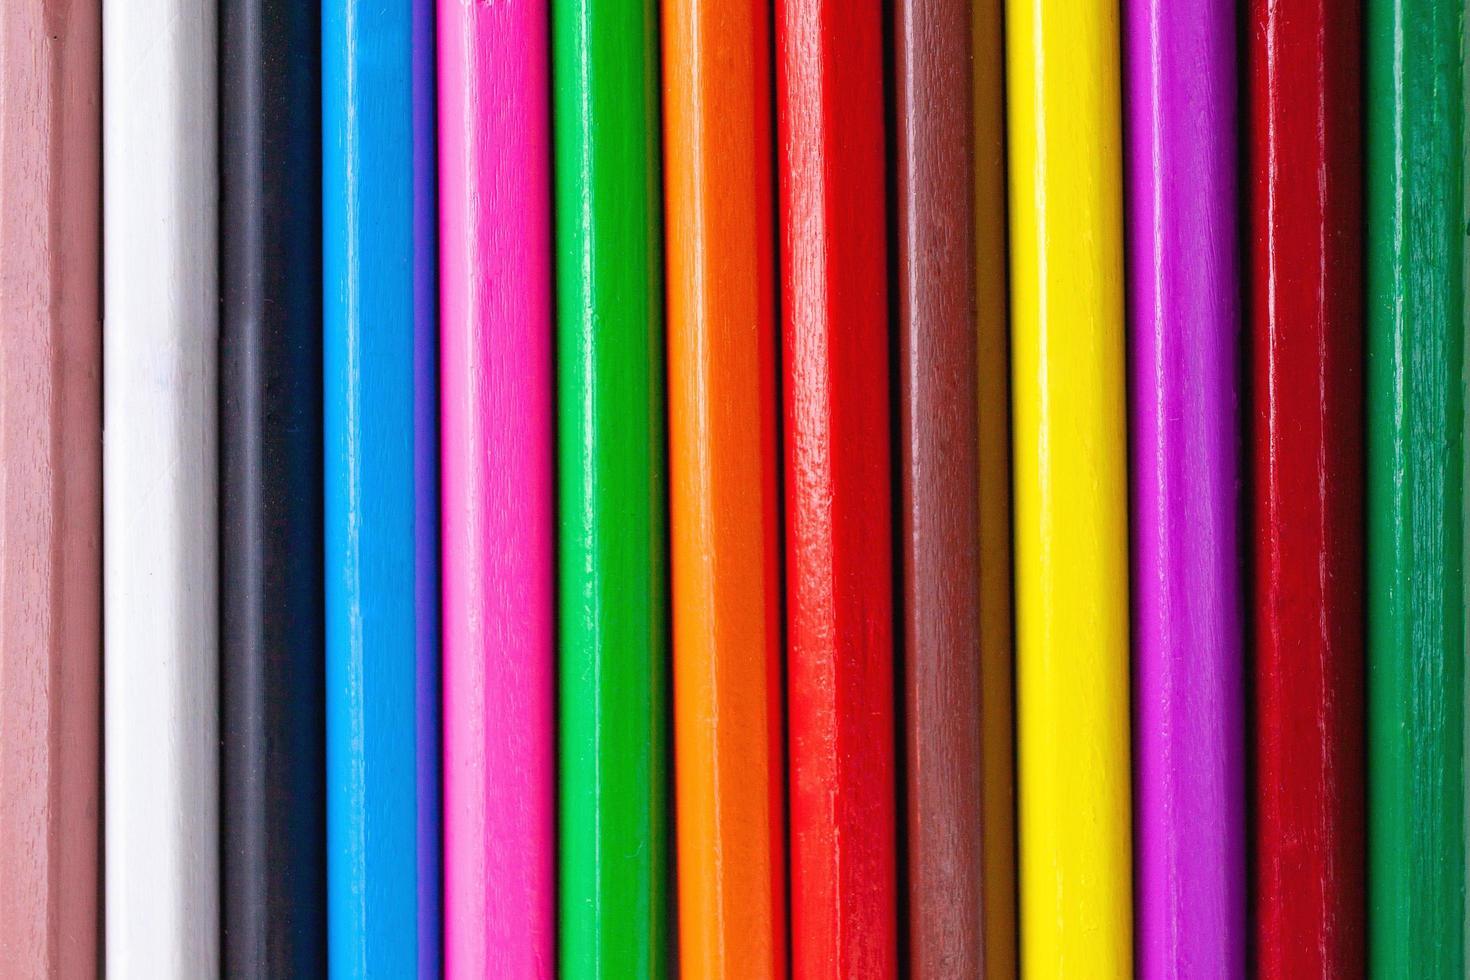 motif abstrait de fond de crayons de couleur en bois texturé. photo